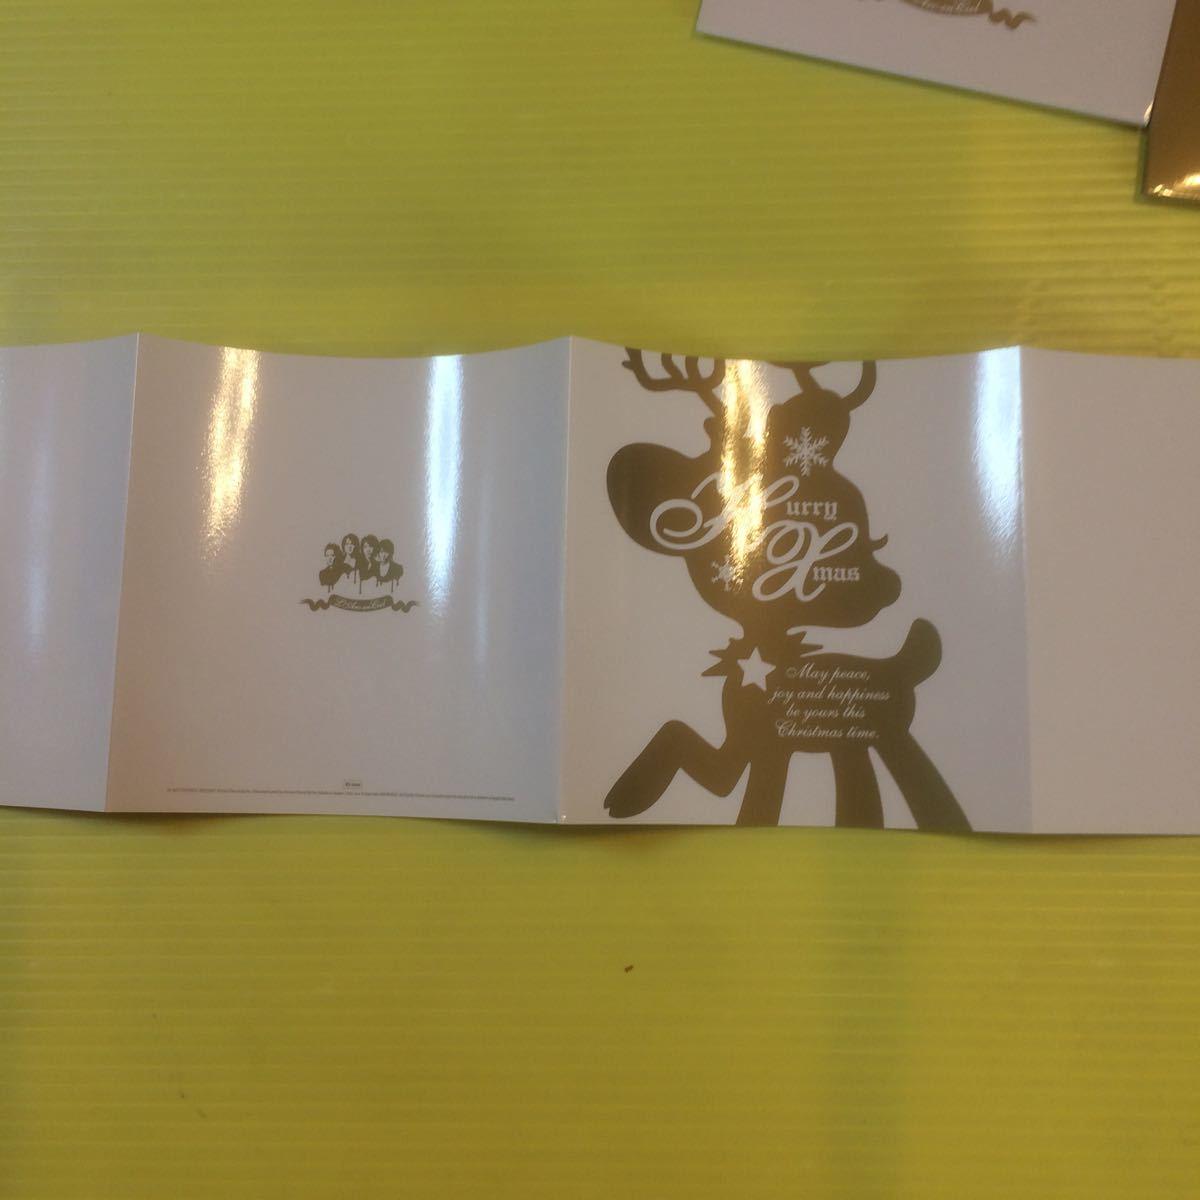 ● L'Arc~en~Ciel ラルクアンシエル● Hurry Xmas(初回生産限定盤)(DVD付) (CD)【型番号】KSCL-1224_画像9